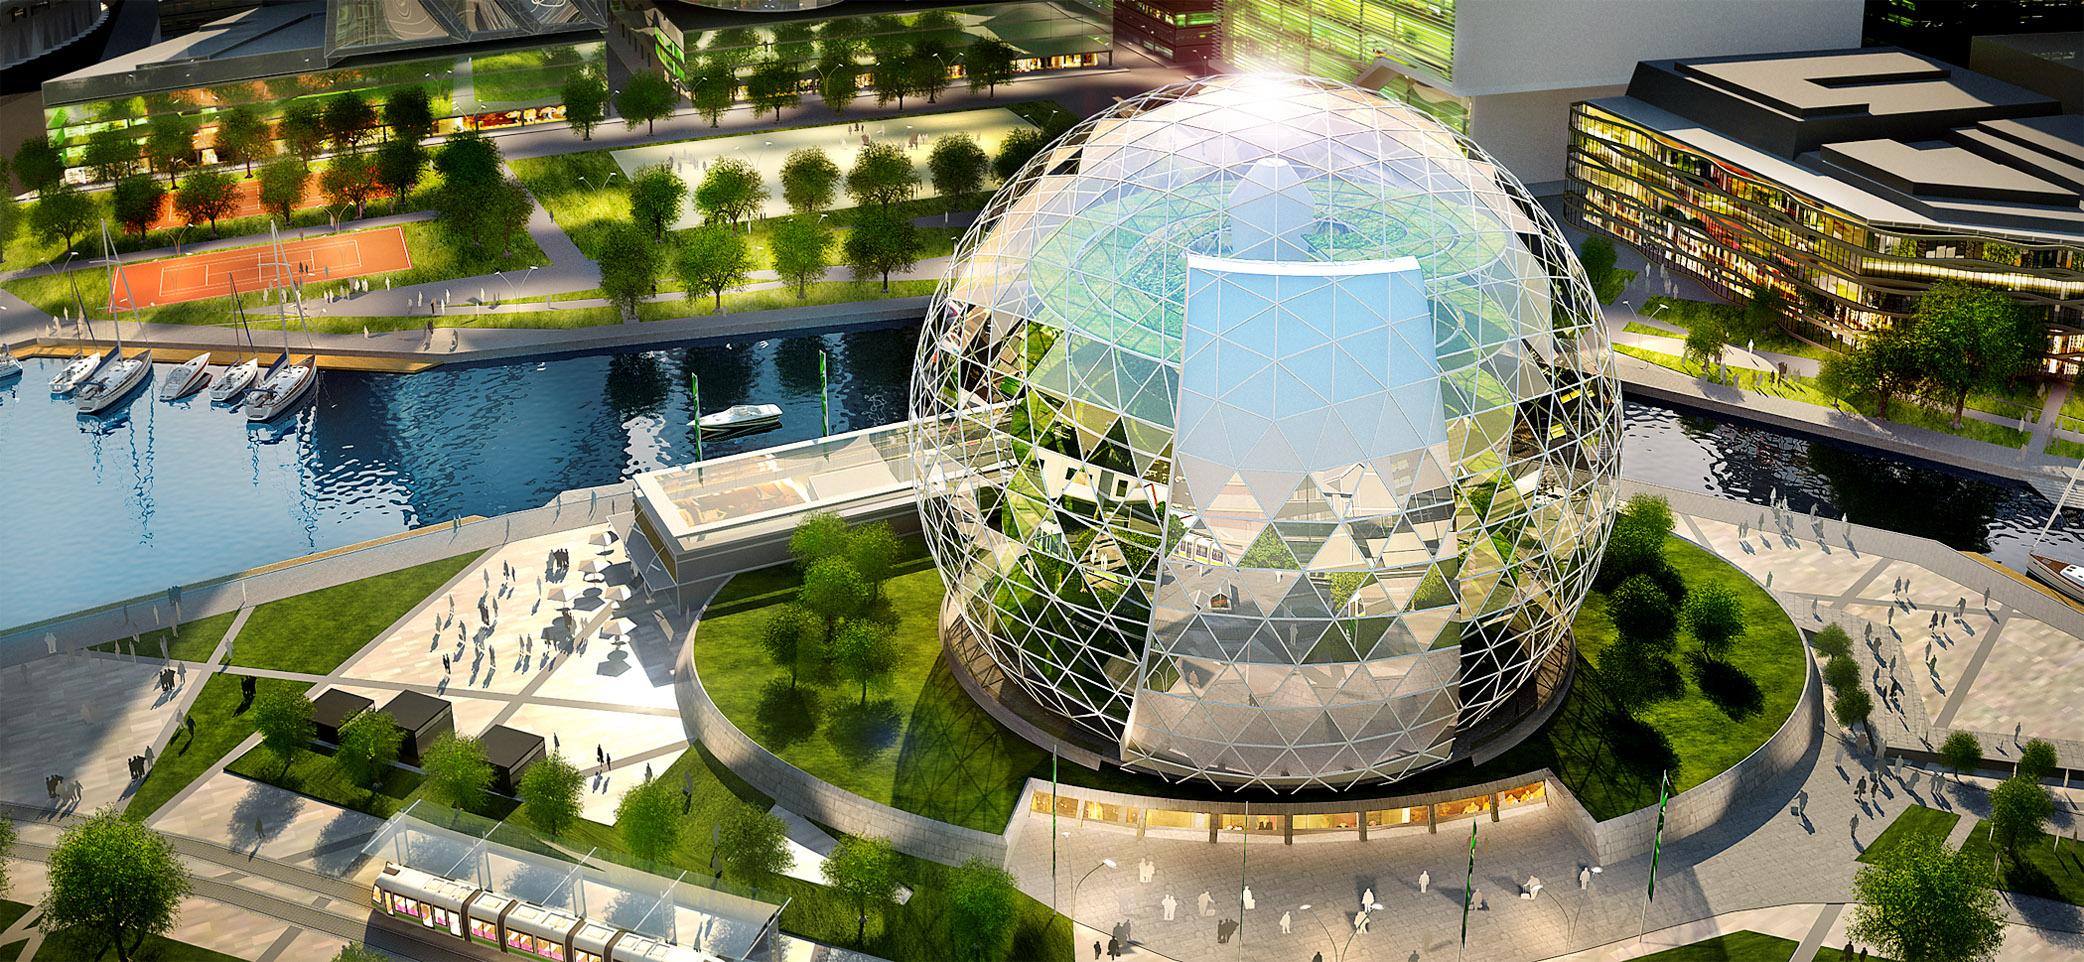 نمایشگاه بین المللی با رویکرد بهره گیری از انرژی های نو